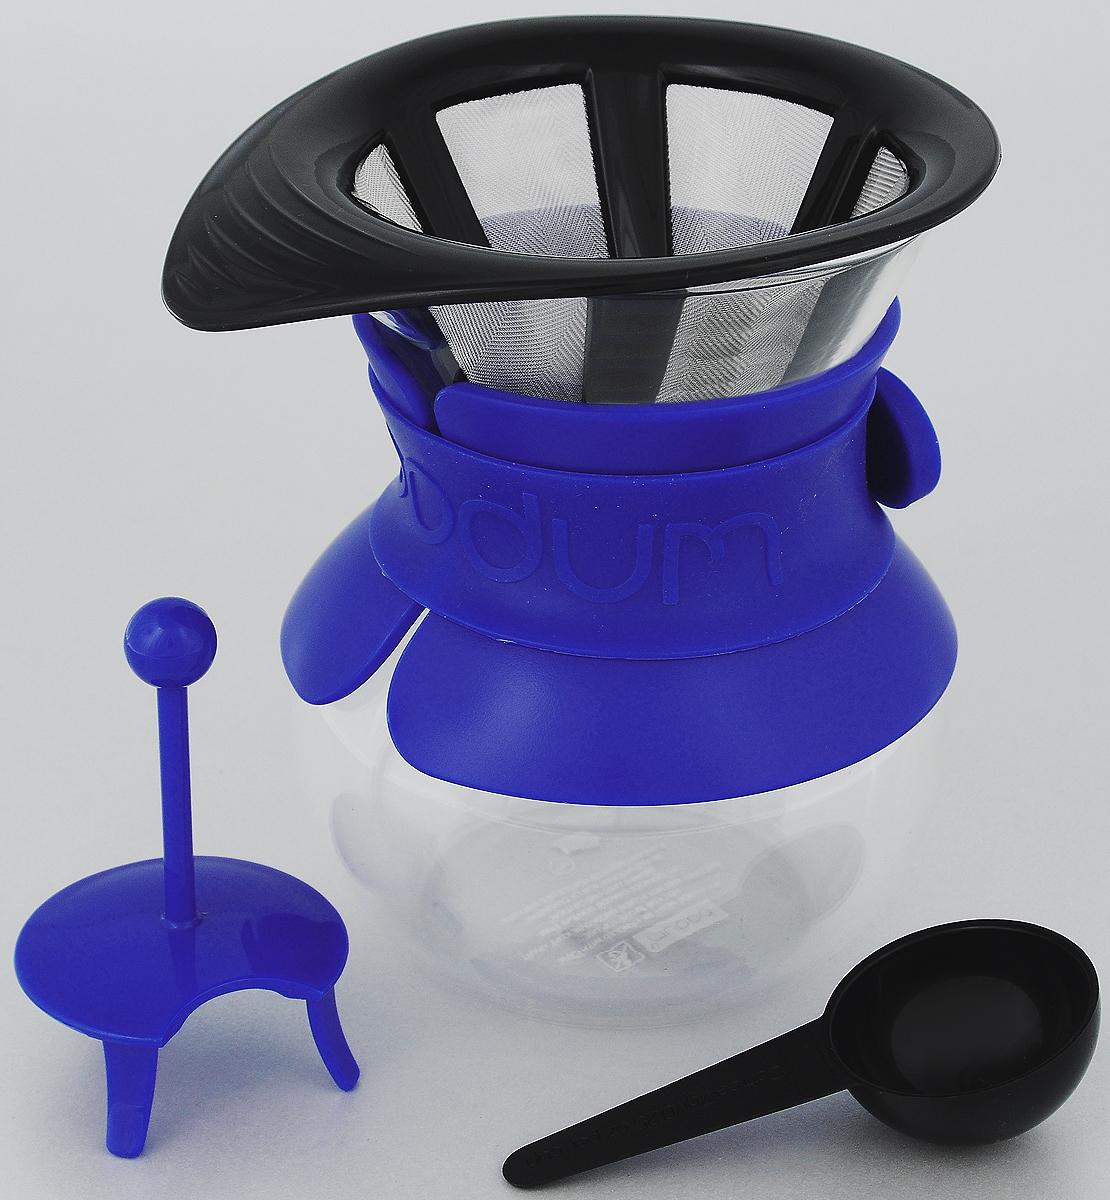 Кофейник Bodum Pour Over, с фильтром, цвет: прозрачный, синий, 0,5 лA11592-528-Y15Кофейник с фильтром Bodum Pour Over предназначен для заваривания кофе. Он гарантирует великолепный, богатый вкус и стойкий аромат при одновременном сохранении натуральных эфирных масел молотого кофе. Кофейник изготовлен из боросиликатного термостойкого стекла, снабжен специальной пластиковой вставкой с силиконовым ремешком, чтобы не обжечь руки. Фильтр выполнен из пластика с сеткой из коррозионностойкой стали. Кофейник очень прост в использовании. Заполните воронку молотым кофе, предназначенным для приготовления капельным способом. Медленно вливайте горячую воду, дайте воде просочиться сквозь кофе, готовый кофе будет капать в емкость. В комплекте предусмотрена специальная мерная ложечка на 7 грамм кофе. Диаметр емкости (по верхнему краю): 10 см. Высота емкости (без учета крышки): 14 см. Размер фильтра: 14 х 11,5 х 7 см. Длина ложки: 10 см.